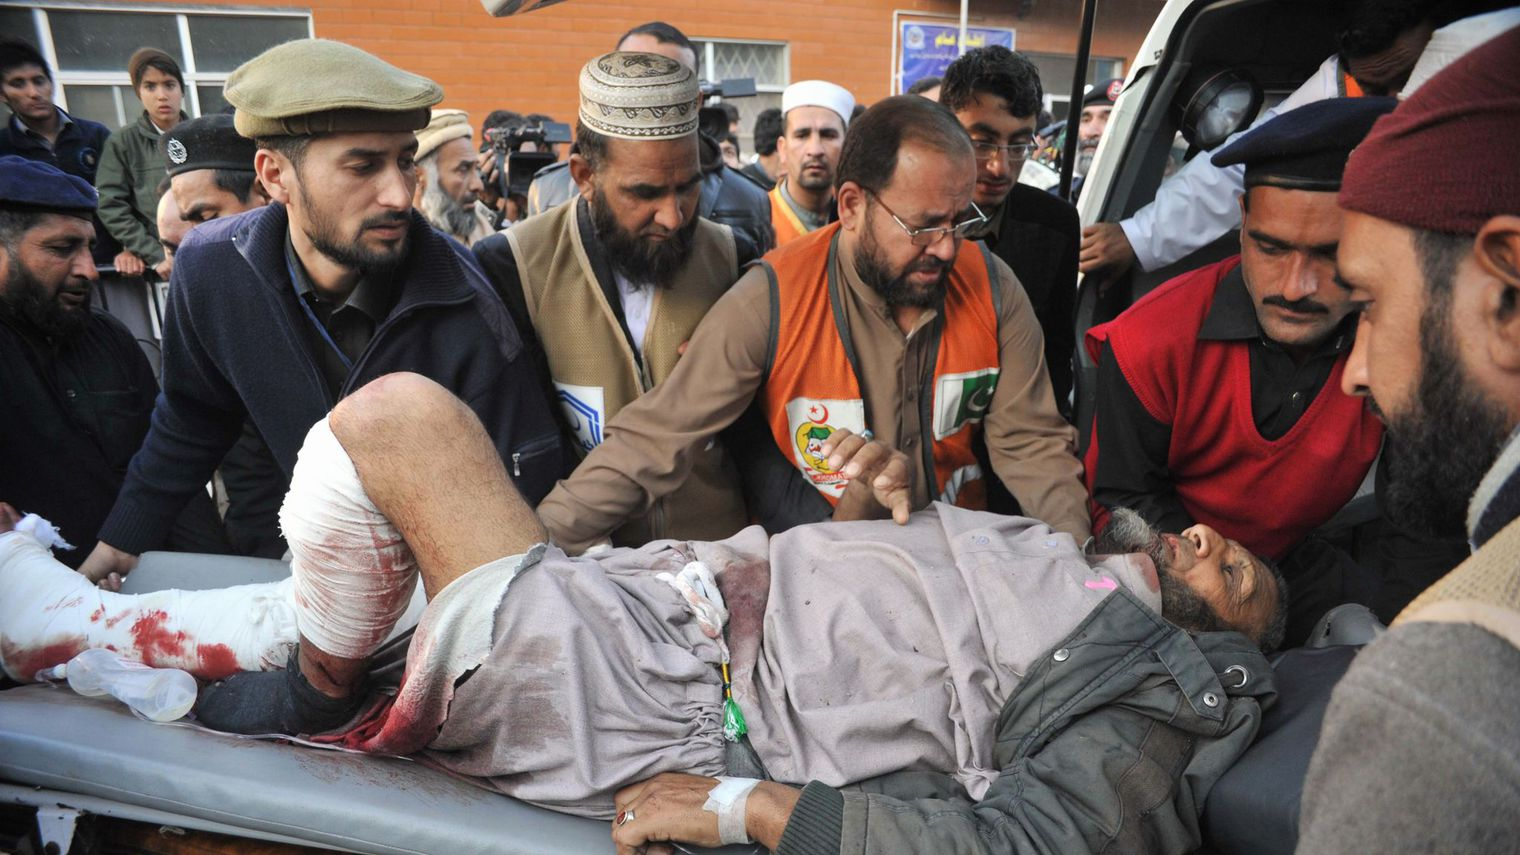 L'attaque a visé une cérémonie religieuse soufie au Baloutchistan. D. R.